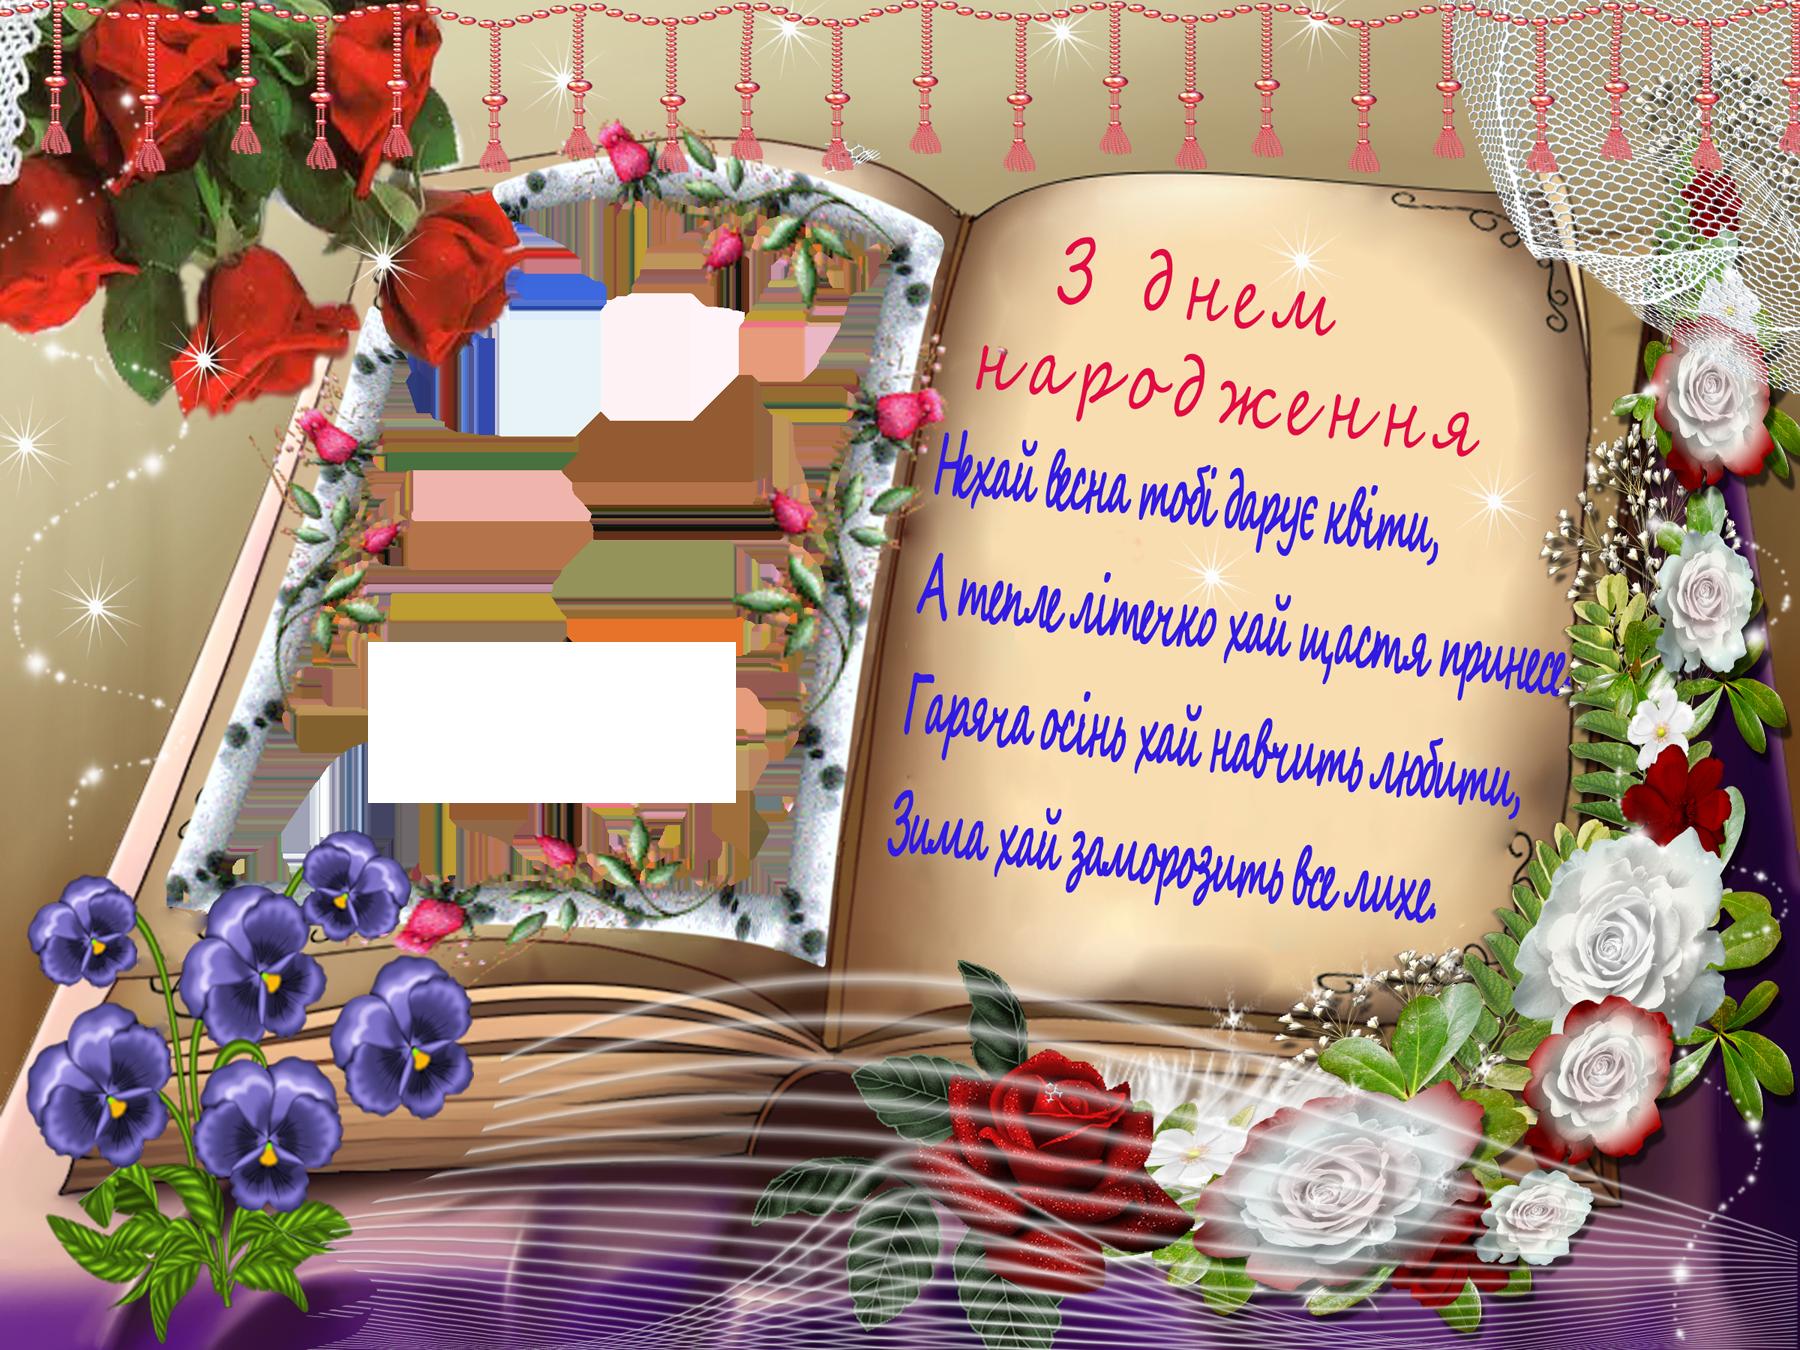 Поздравление на день рождение сыну на украинском языке